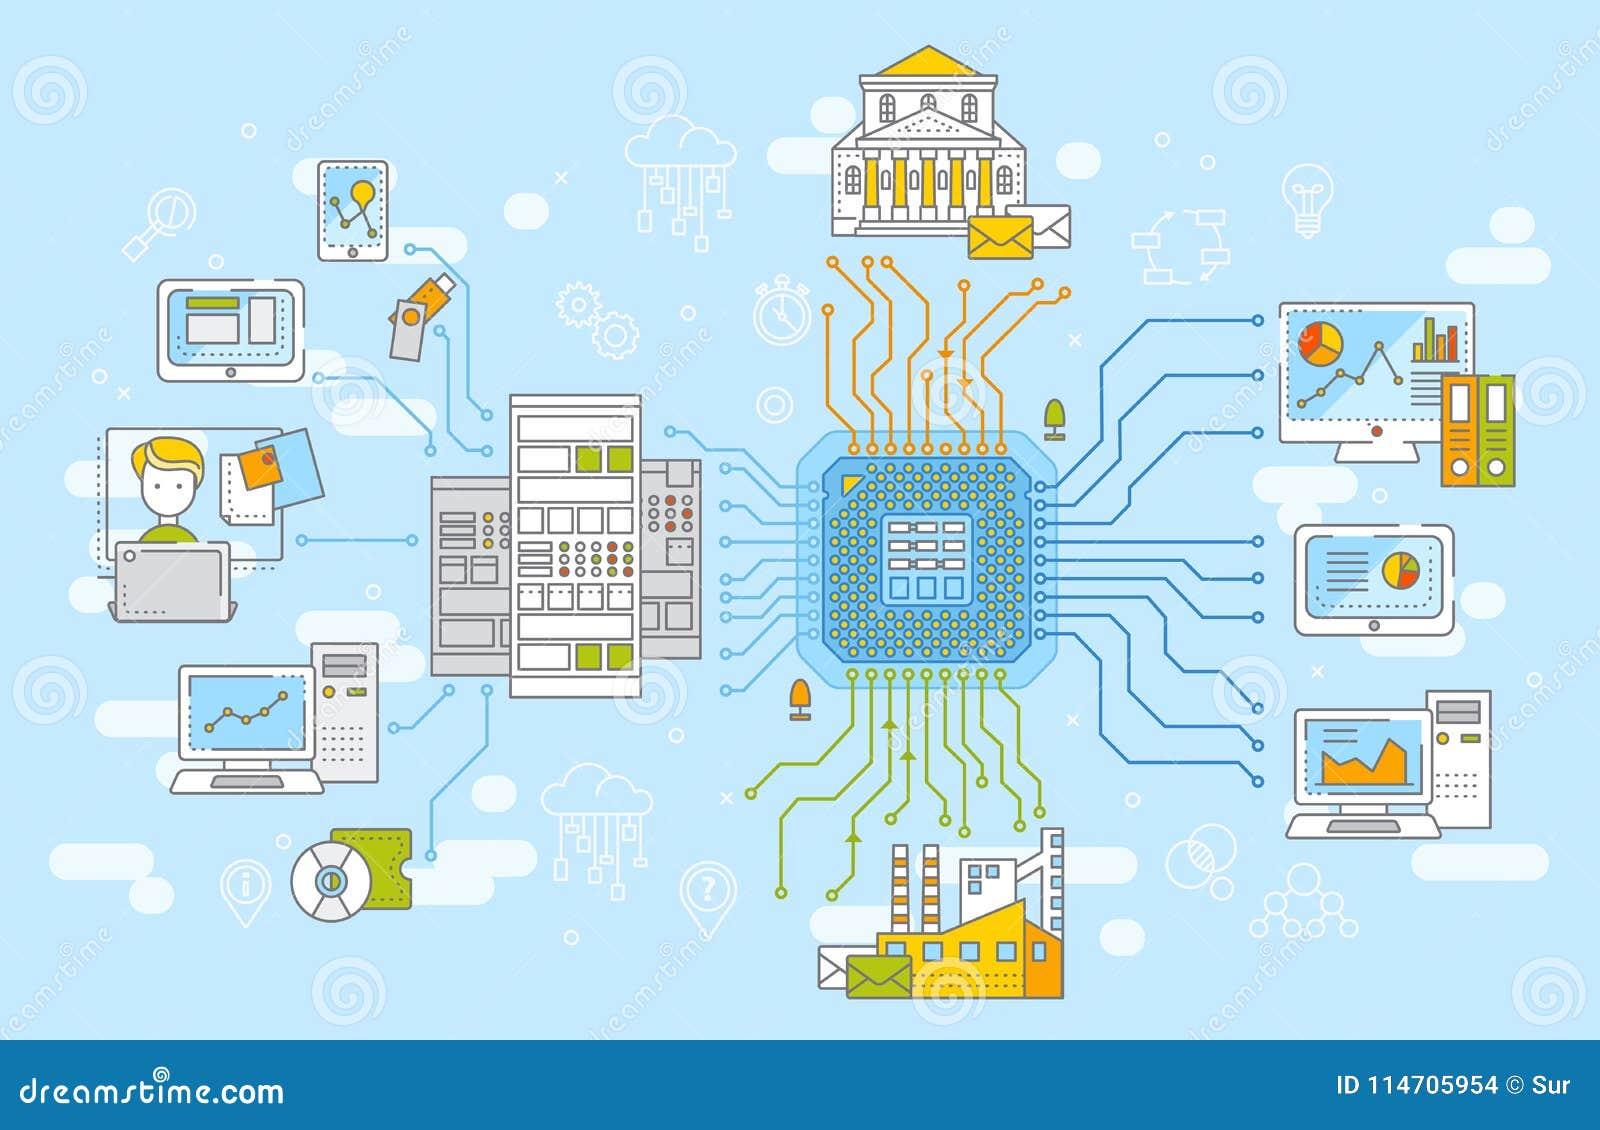 Duża sieci przesyłania danych zarządzania pojęcia wektoru ilustracja Kolekcja informacja, przechowywanie danych i analysys,